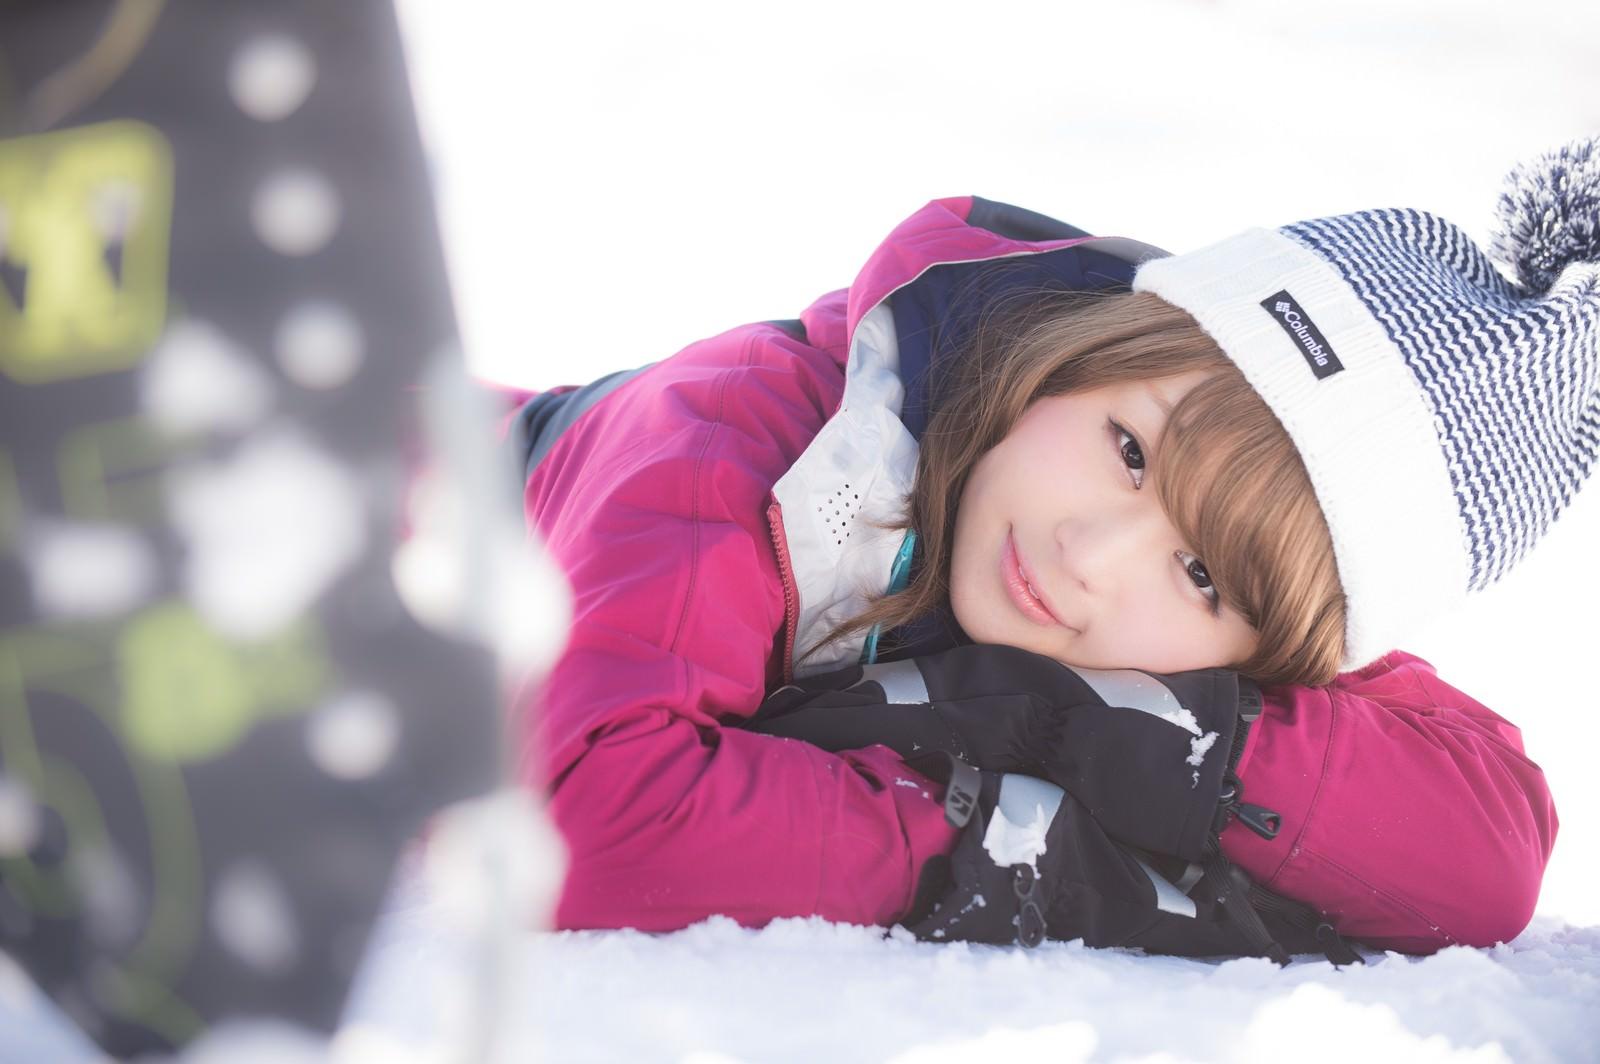 「雪山を歩き疲れたウィンター派の都会女子雪山を歩き疲れたウィンター派の都会女子」[モデル:茜さや]のフリー写真素材を拡大